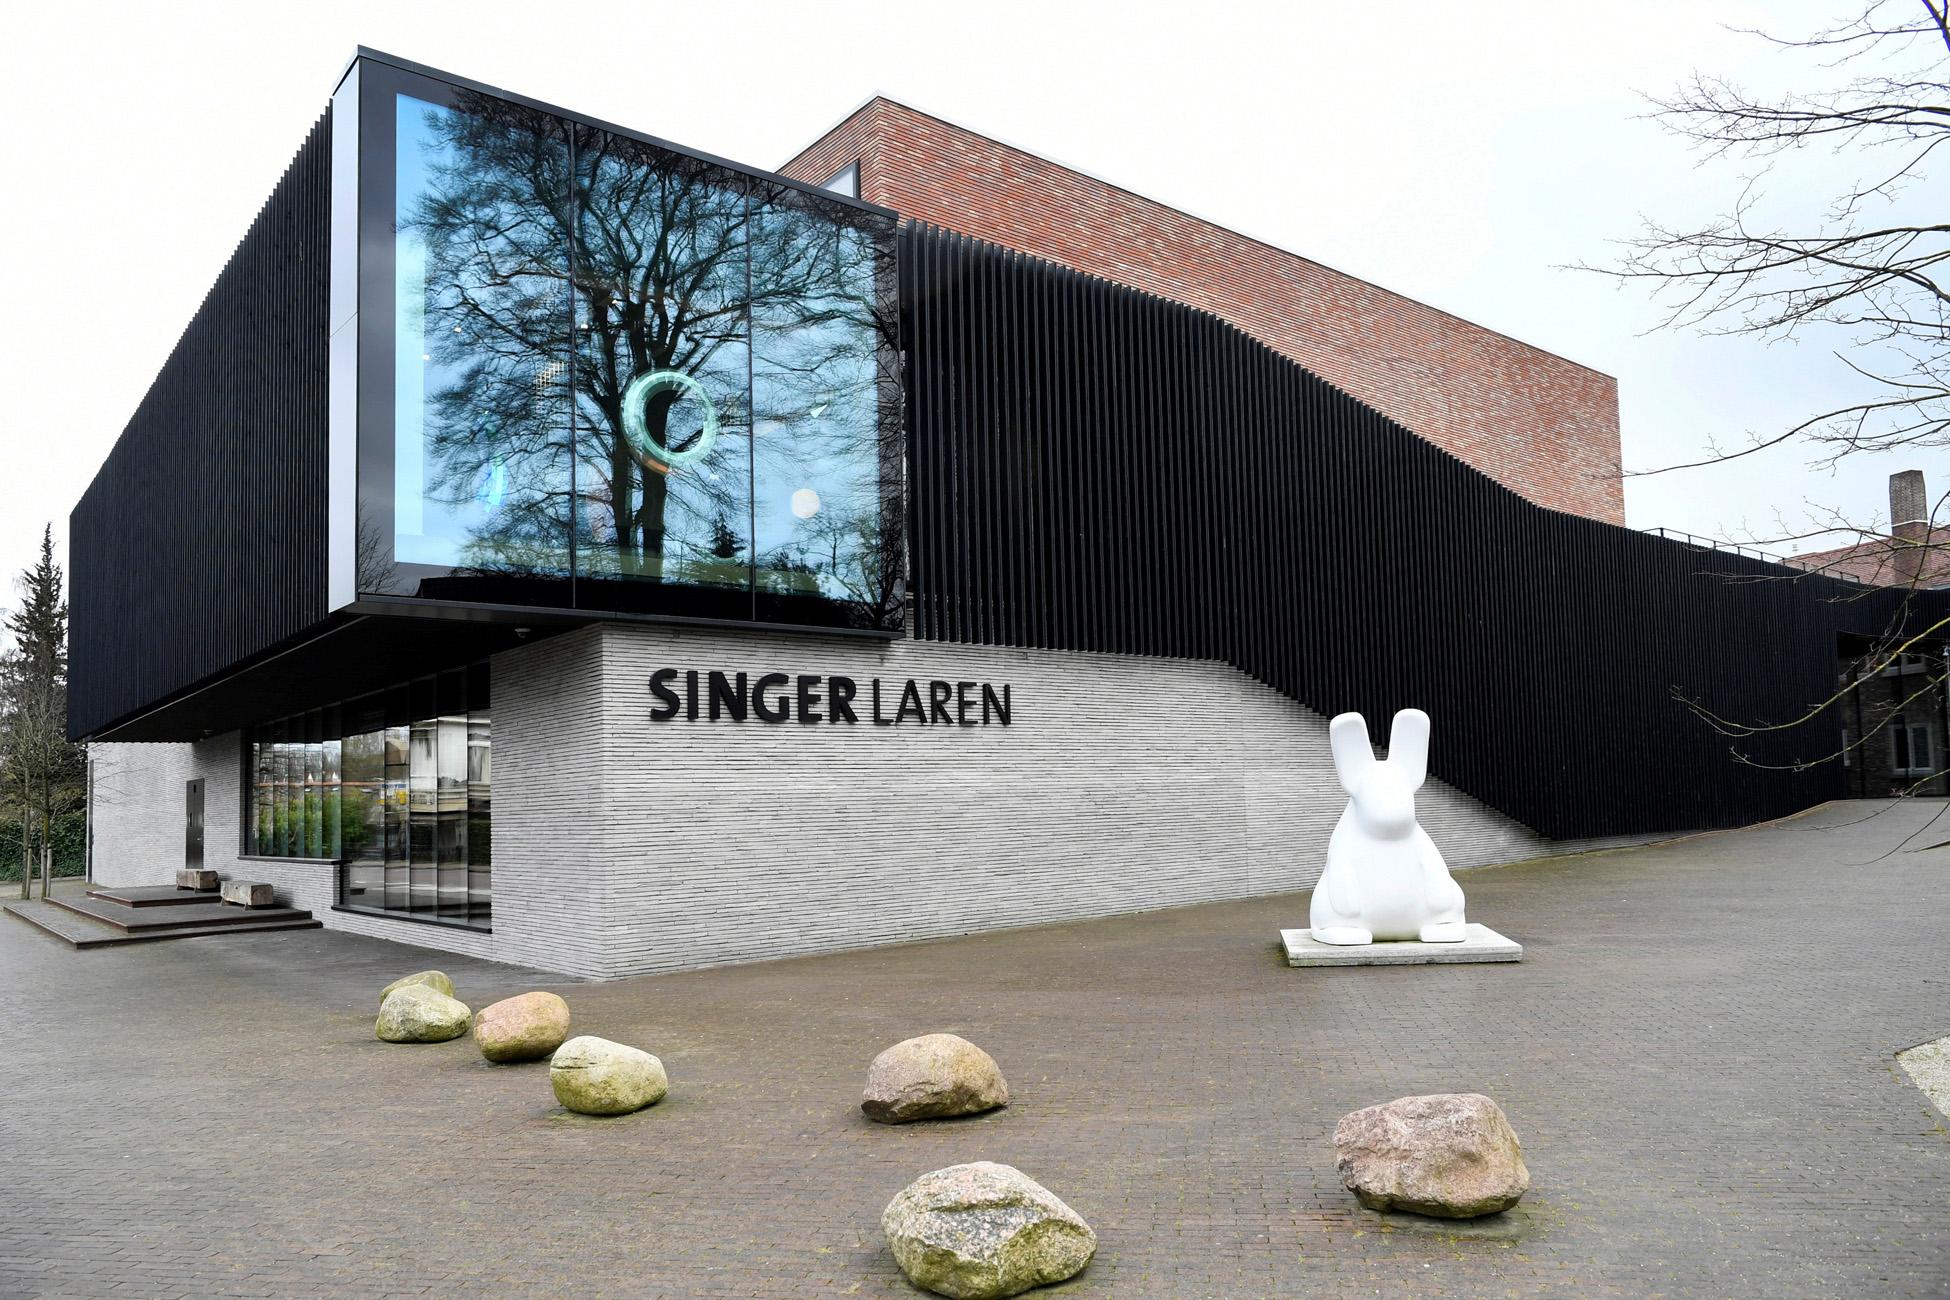 Ολλανδία: Συνελήφθη ύποπτος για κλοπές έργων του Βαν Γκονγκ και του Χαλς από τα κλειστά μουσεία